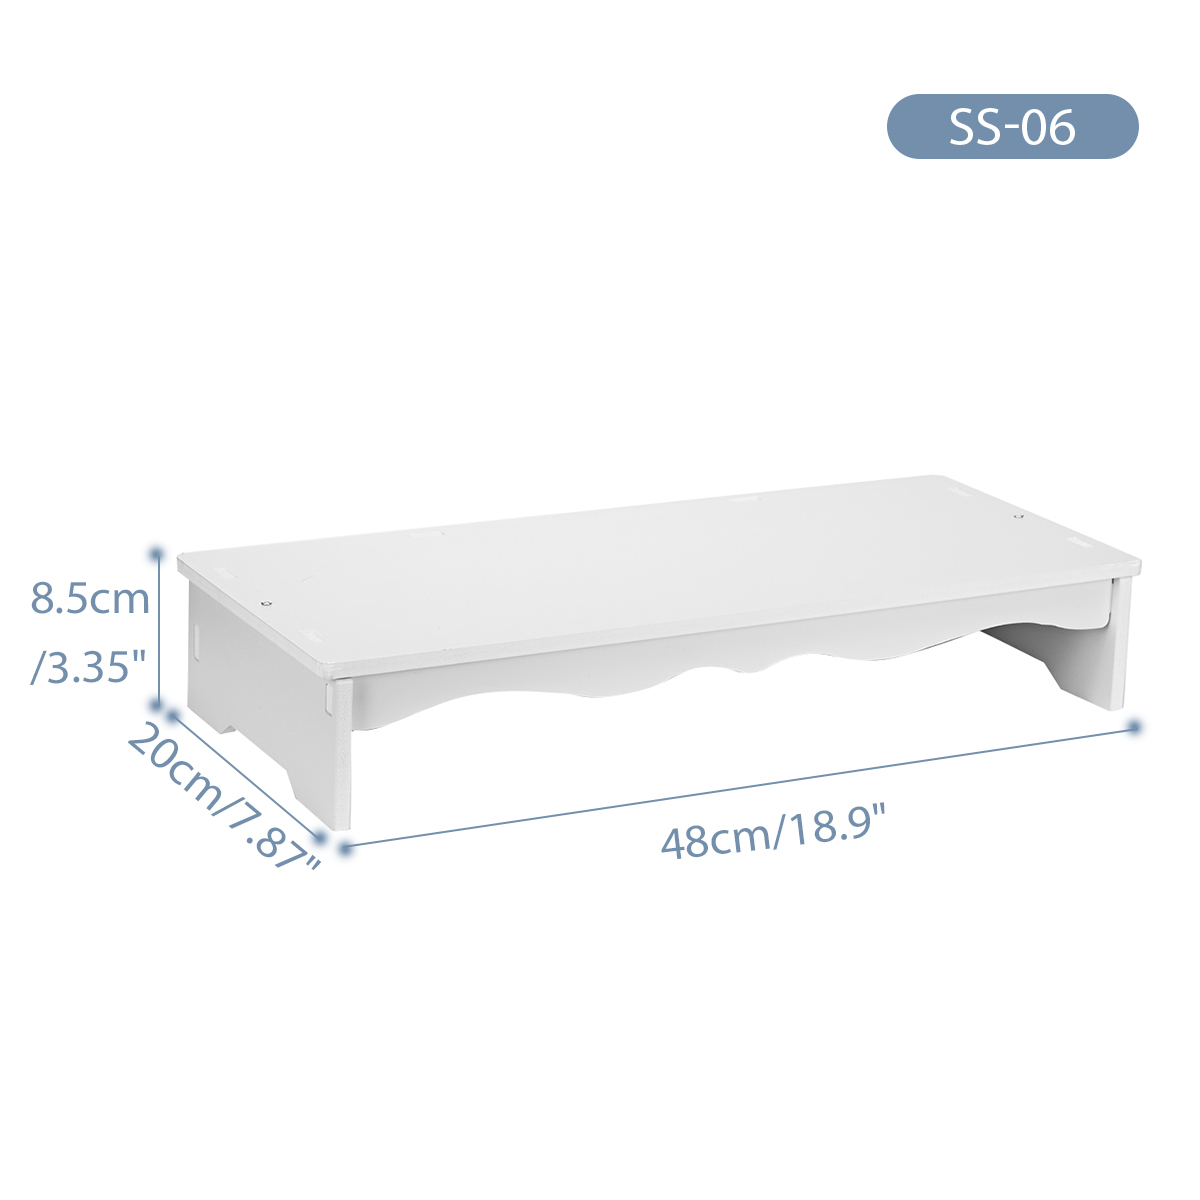 Bảng giá Giá Đỡ Máy Tính Màn Hình LED LCD Bằng Gỗ Máy Tính Để Bàn Chủ, Ngăn Kéo Đựng Tài Liệu Phong Vũ